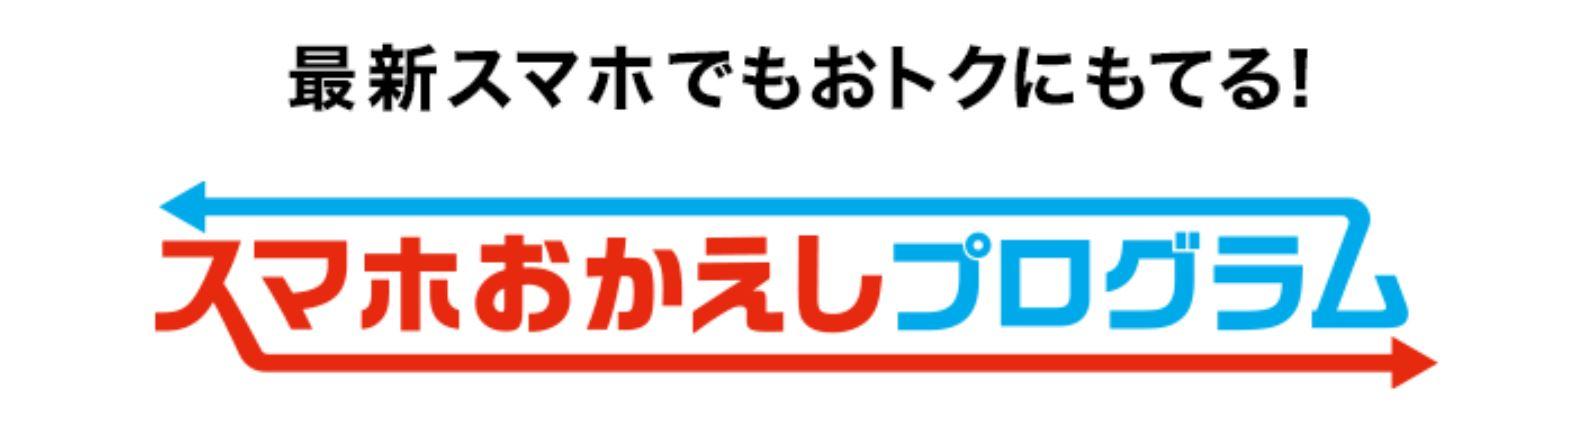 iPhone12_機種変更_ドコモ_スマホおかえしプログラム